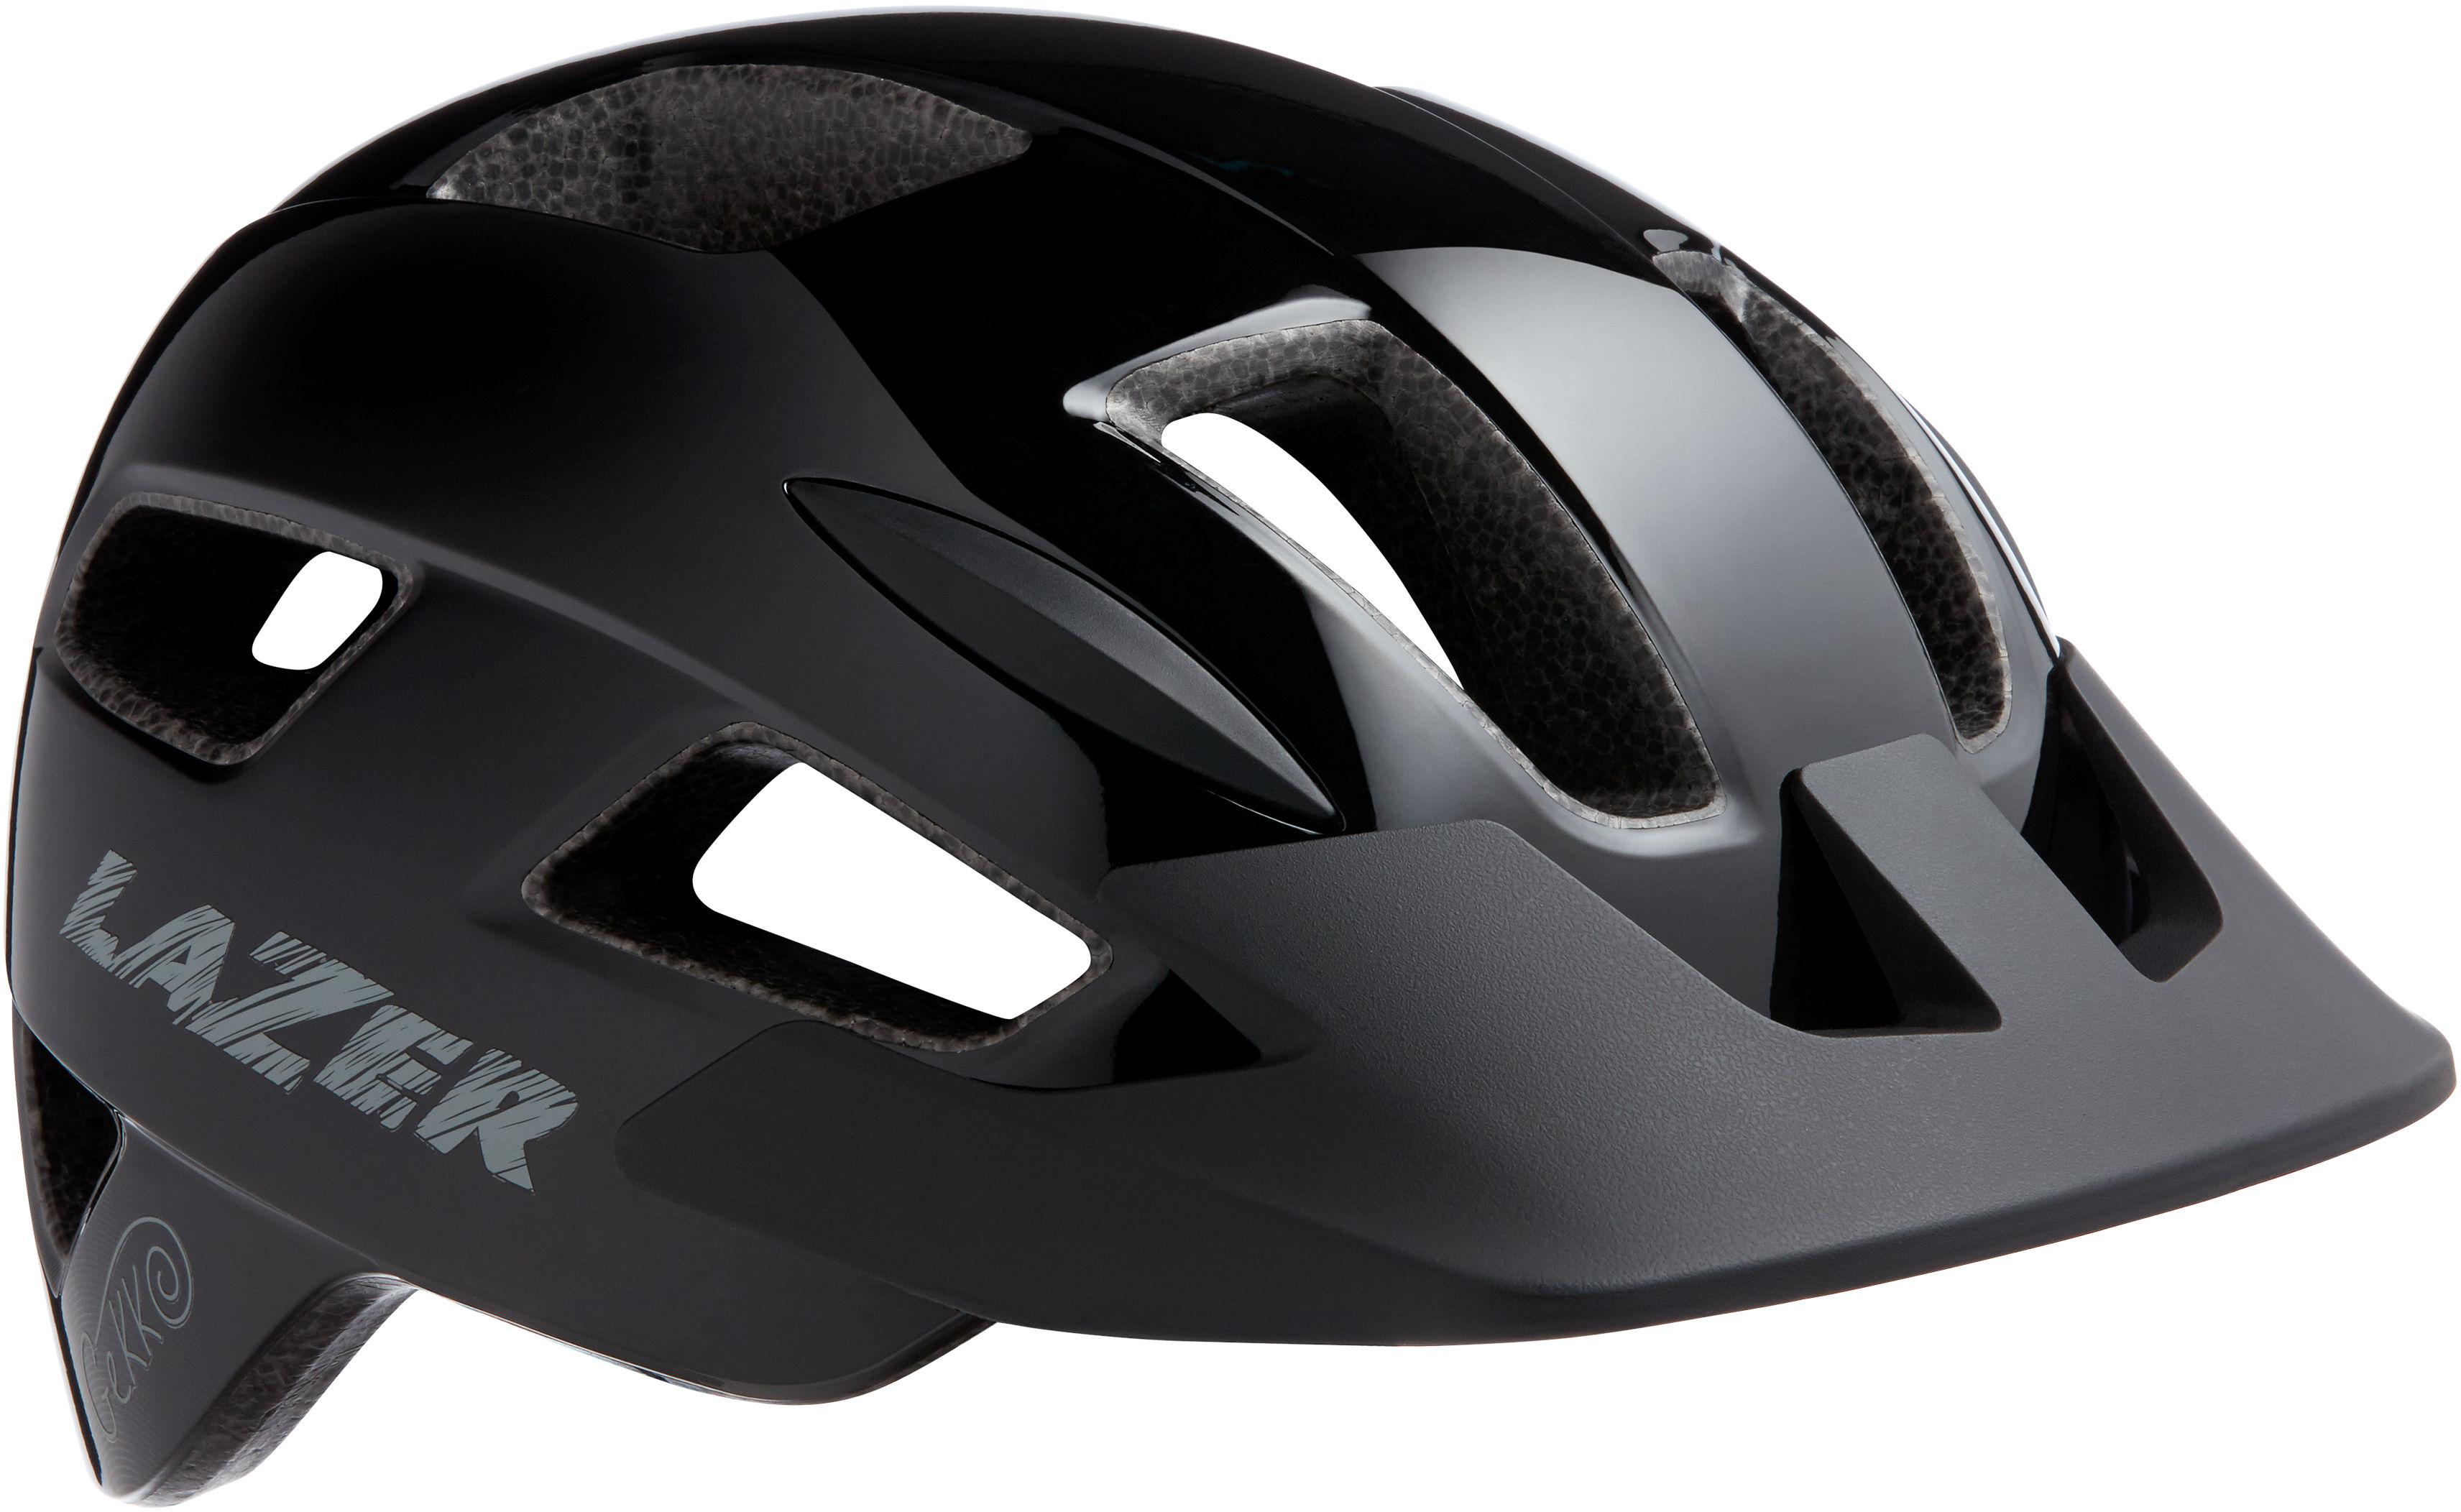 LAZER kask rowerowy dziecięcy/juniorski gekko ce-cpsc black czarny BLC2207888187 Rozmiar: 50-56,lazer-gekko-2